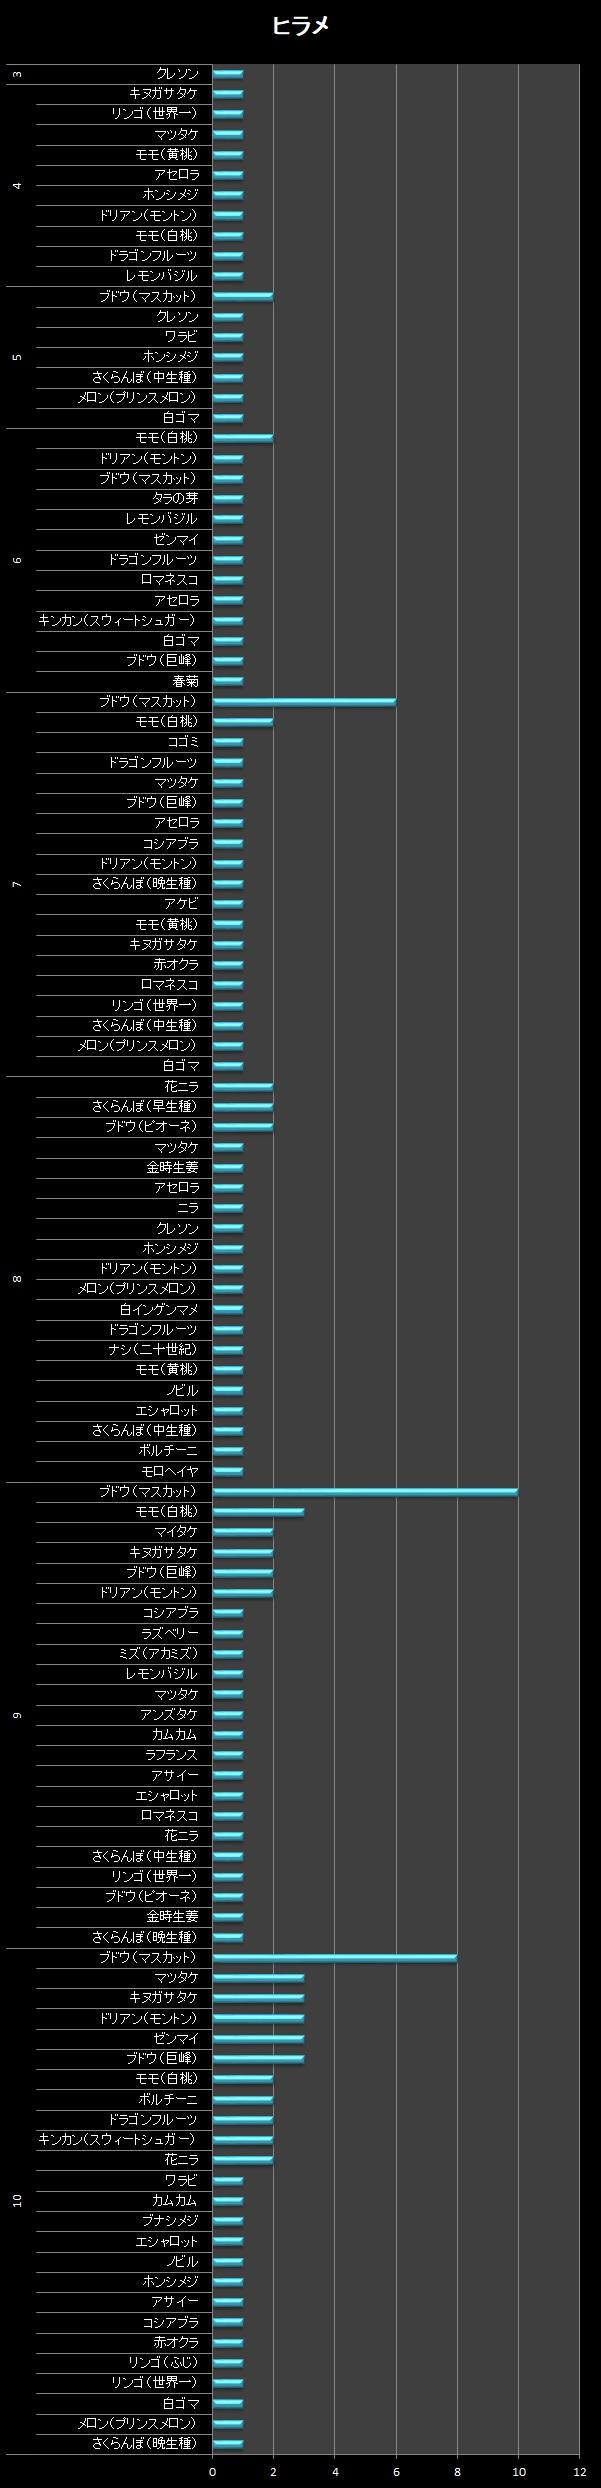 横棒グラフ/ヒラメ